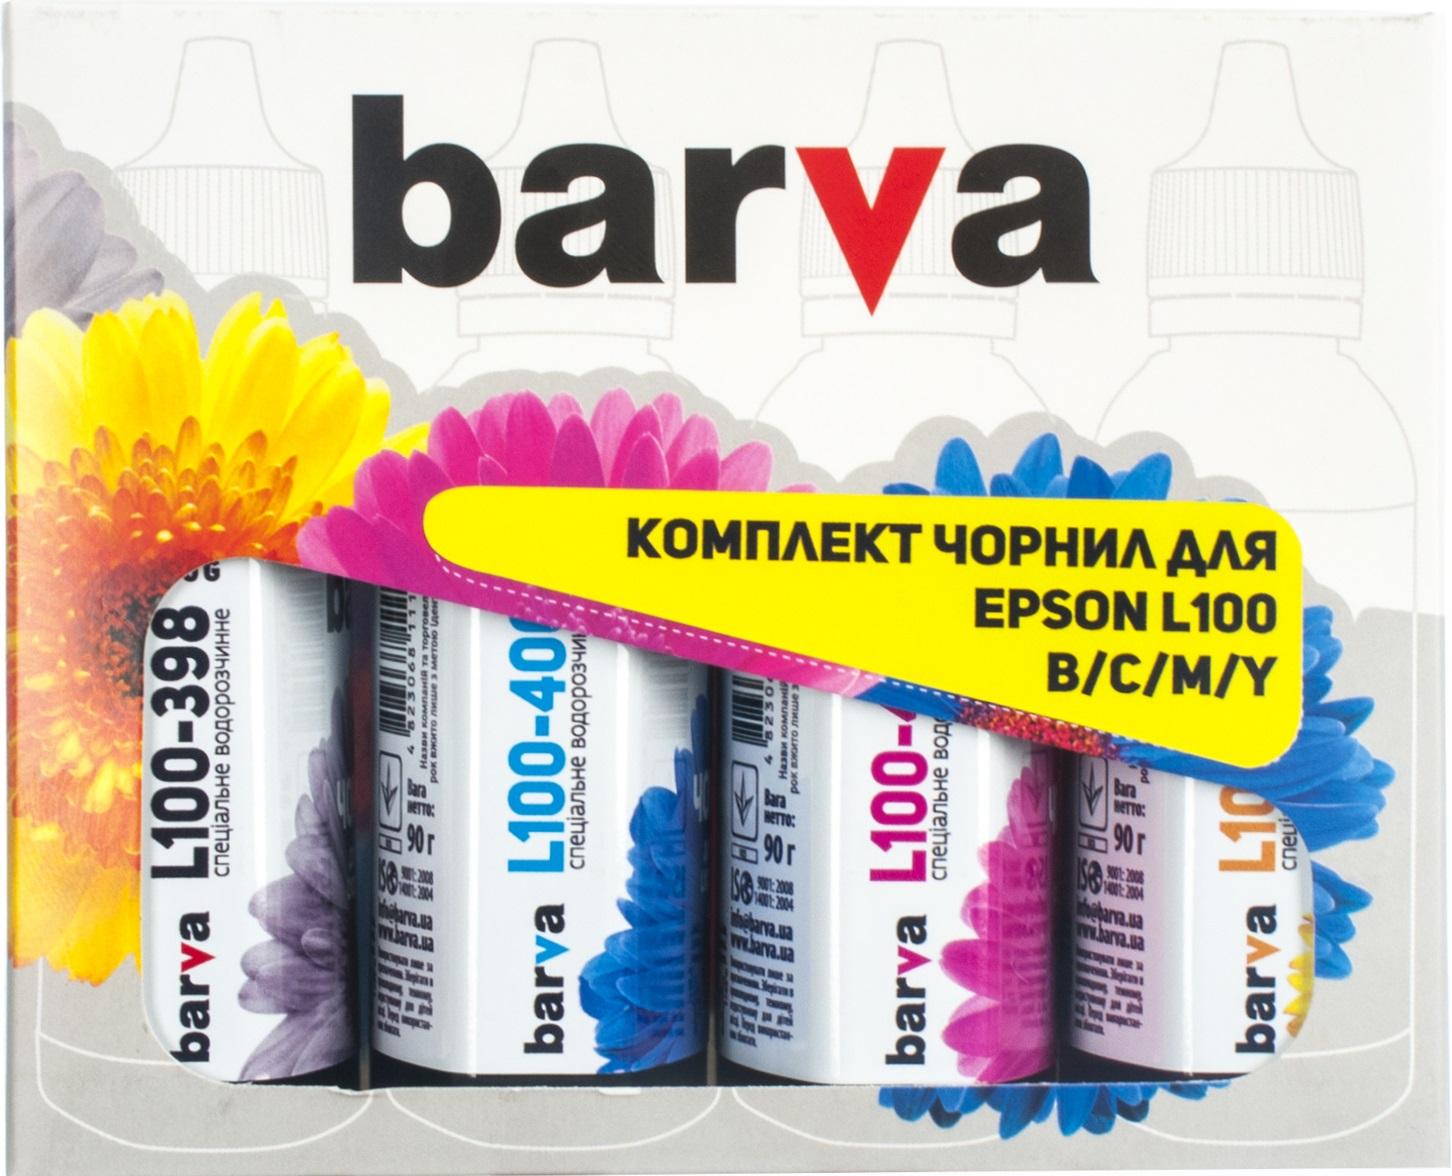 Купить Комплект чорнил BARVA Epson L100/L210/L300/L350/L355 (T664) B/C/M/Y (90 гр), I-BAR-E-L100-090-MP